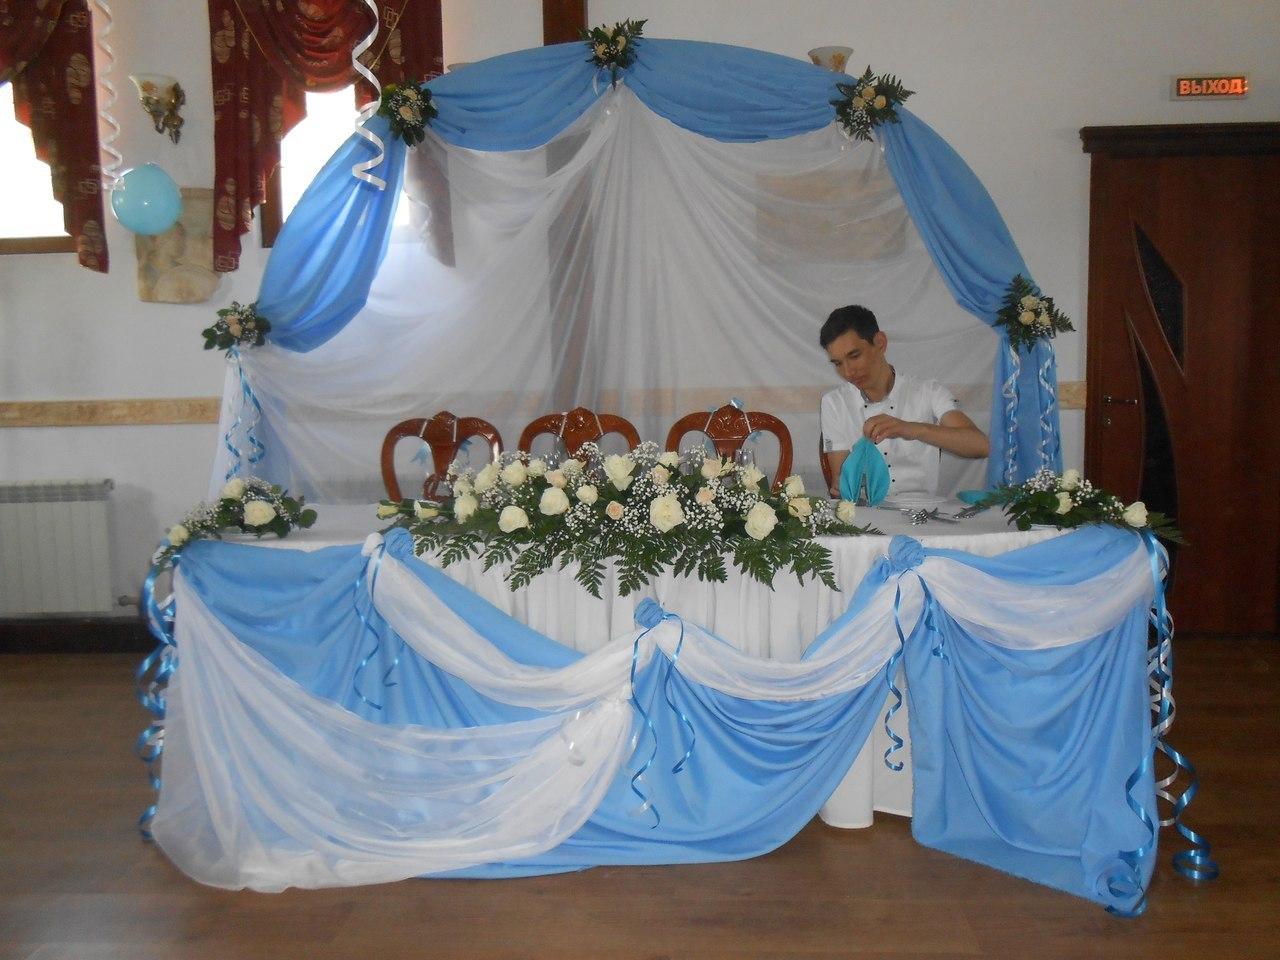 Оформление свадьбы в голубом цвете Алматы. Кафе Греческая таверна по Маречека, арка из живых цветов и такни 45 тыс тг